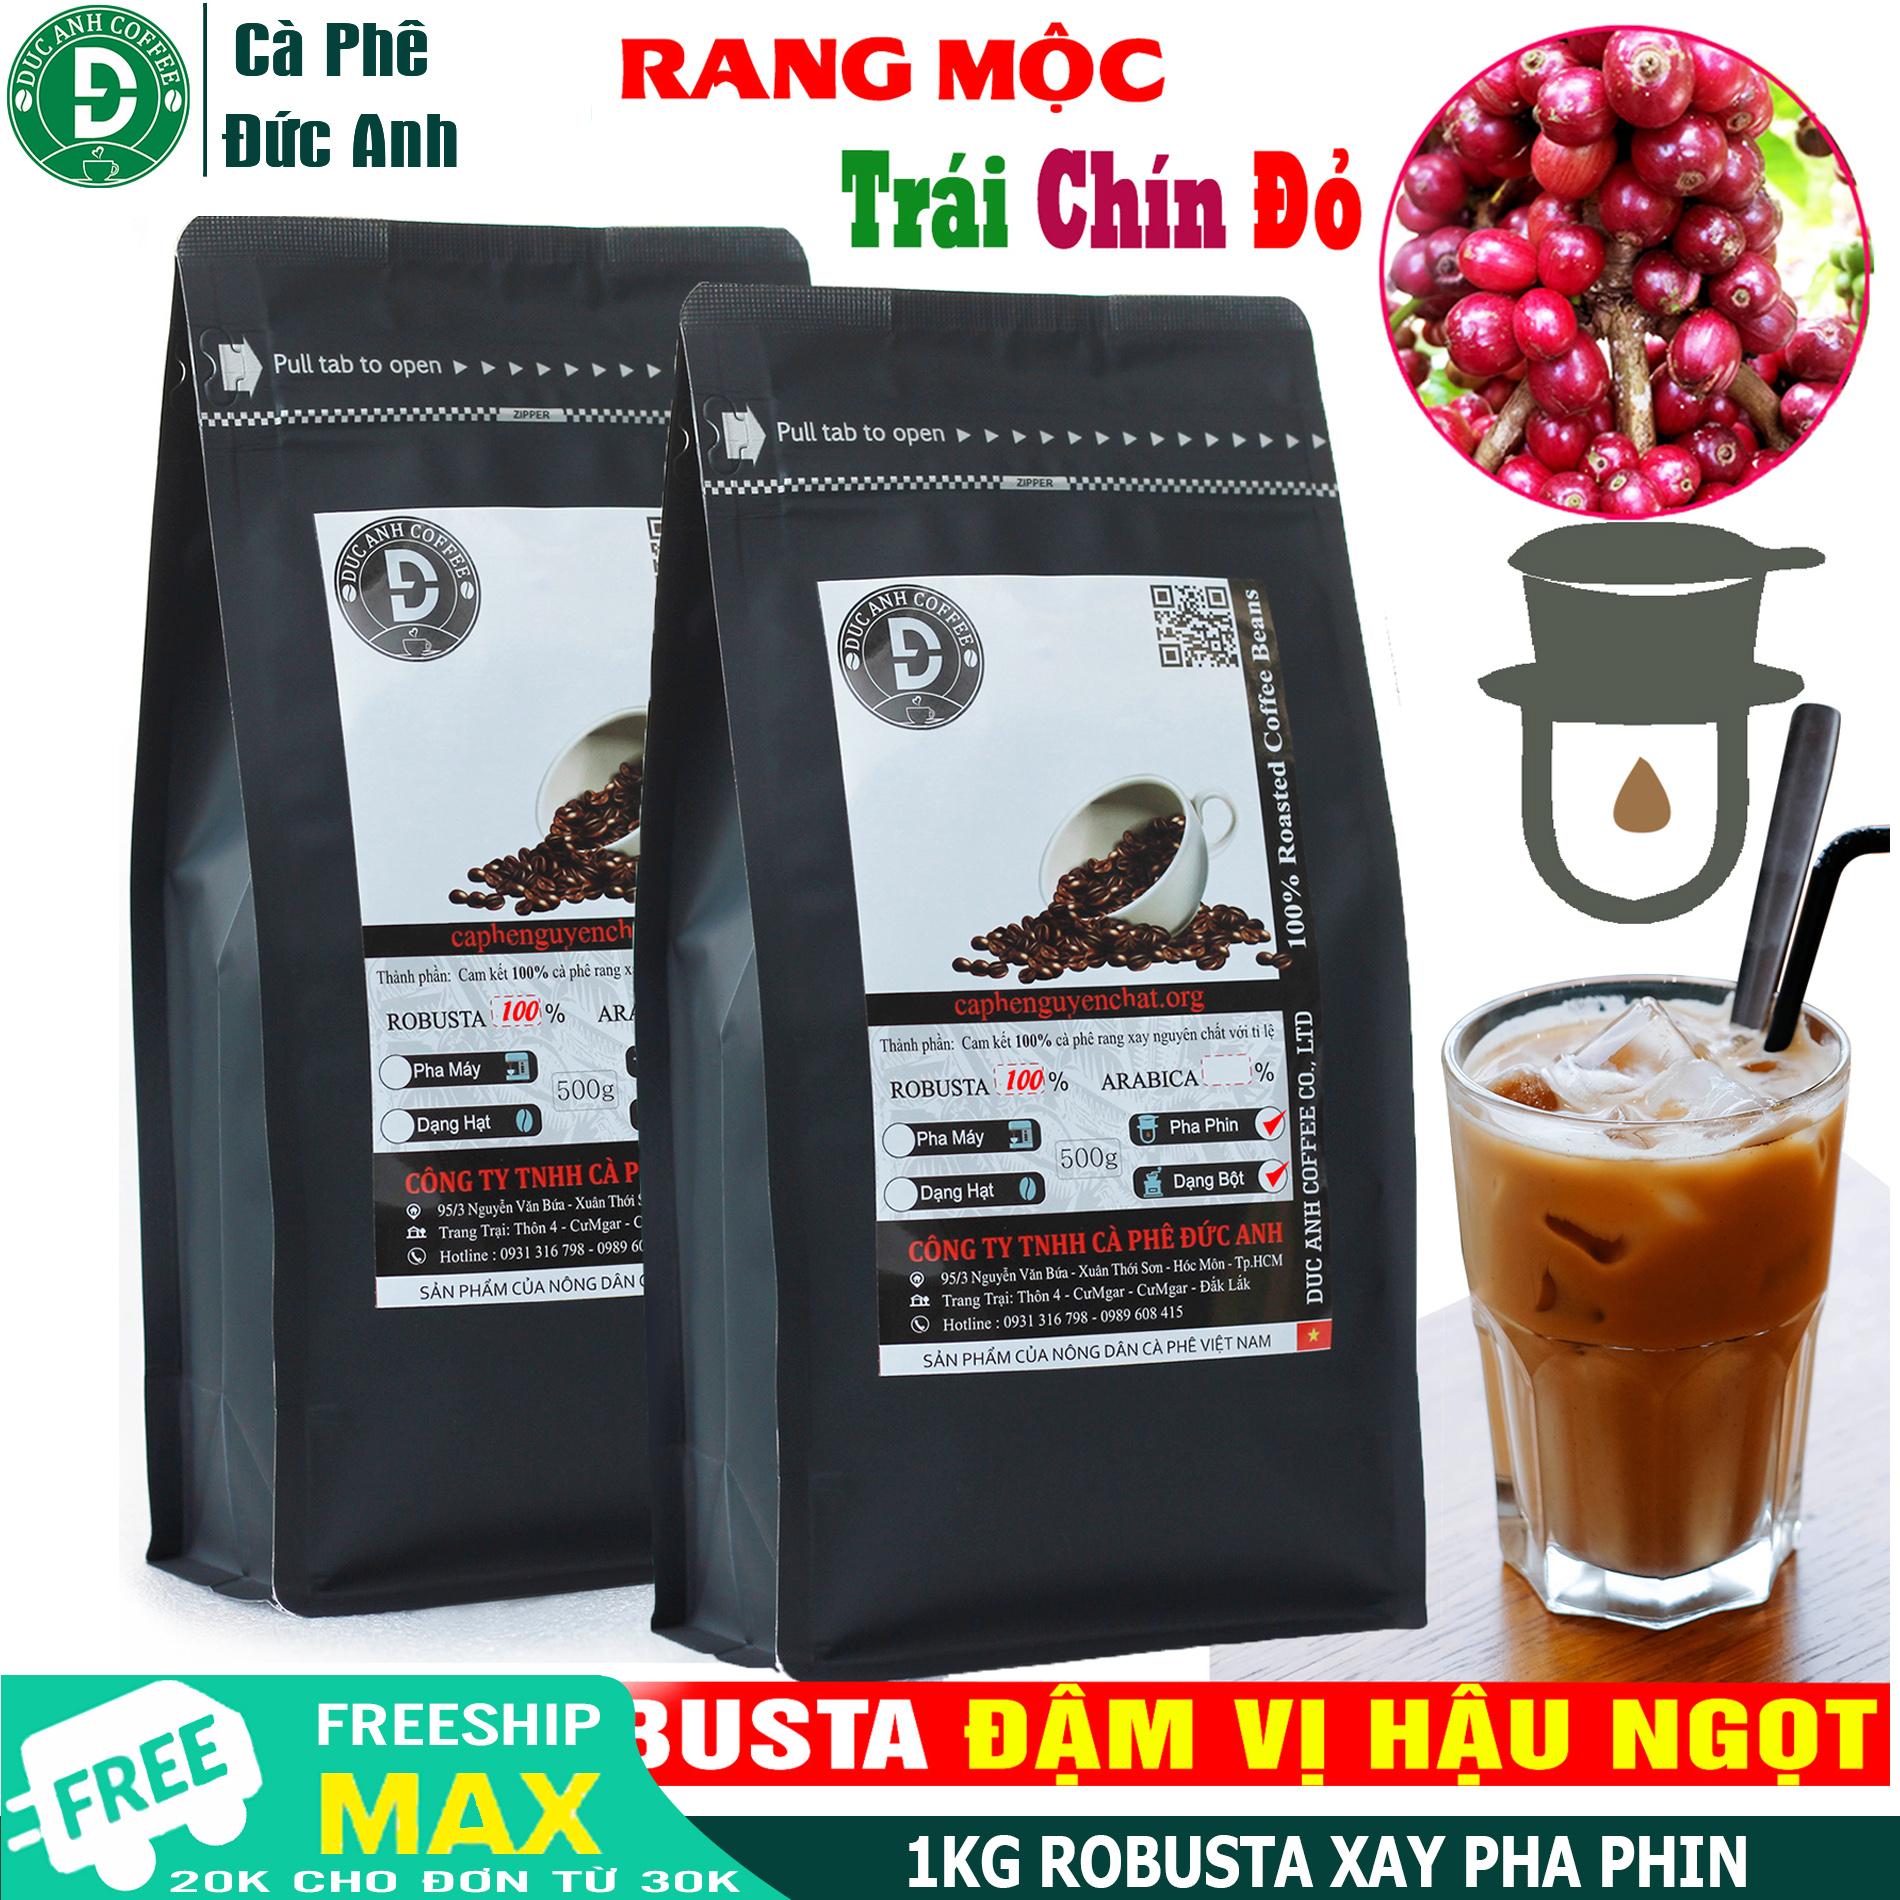 [HCM]1kg Cà Phê Rang Mộc Thượng Hạng nguyên chất 100% - đặc tính đậm mạnh hậu ngọt - cà phê rang xay dùng pha phin - Thương hiệu cà phê rang mộc DUC ANH COFFEE - Sản phẩm trực tiếp từ nông trại - cà phê Đức Anh